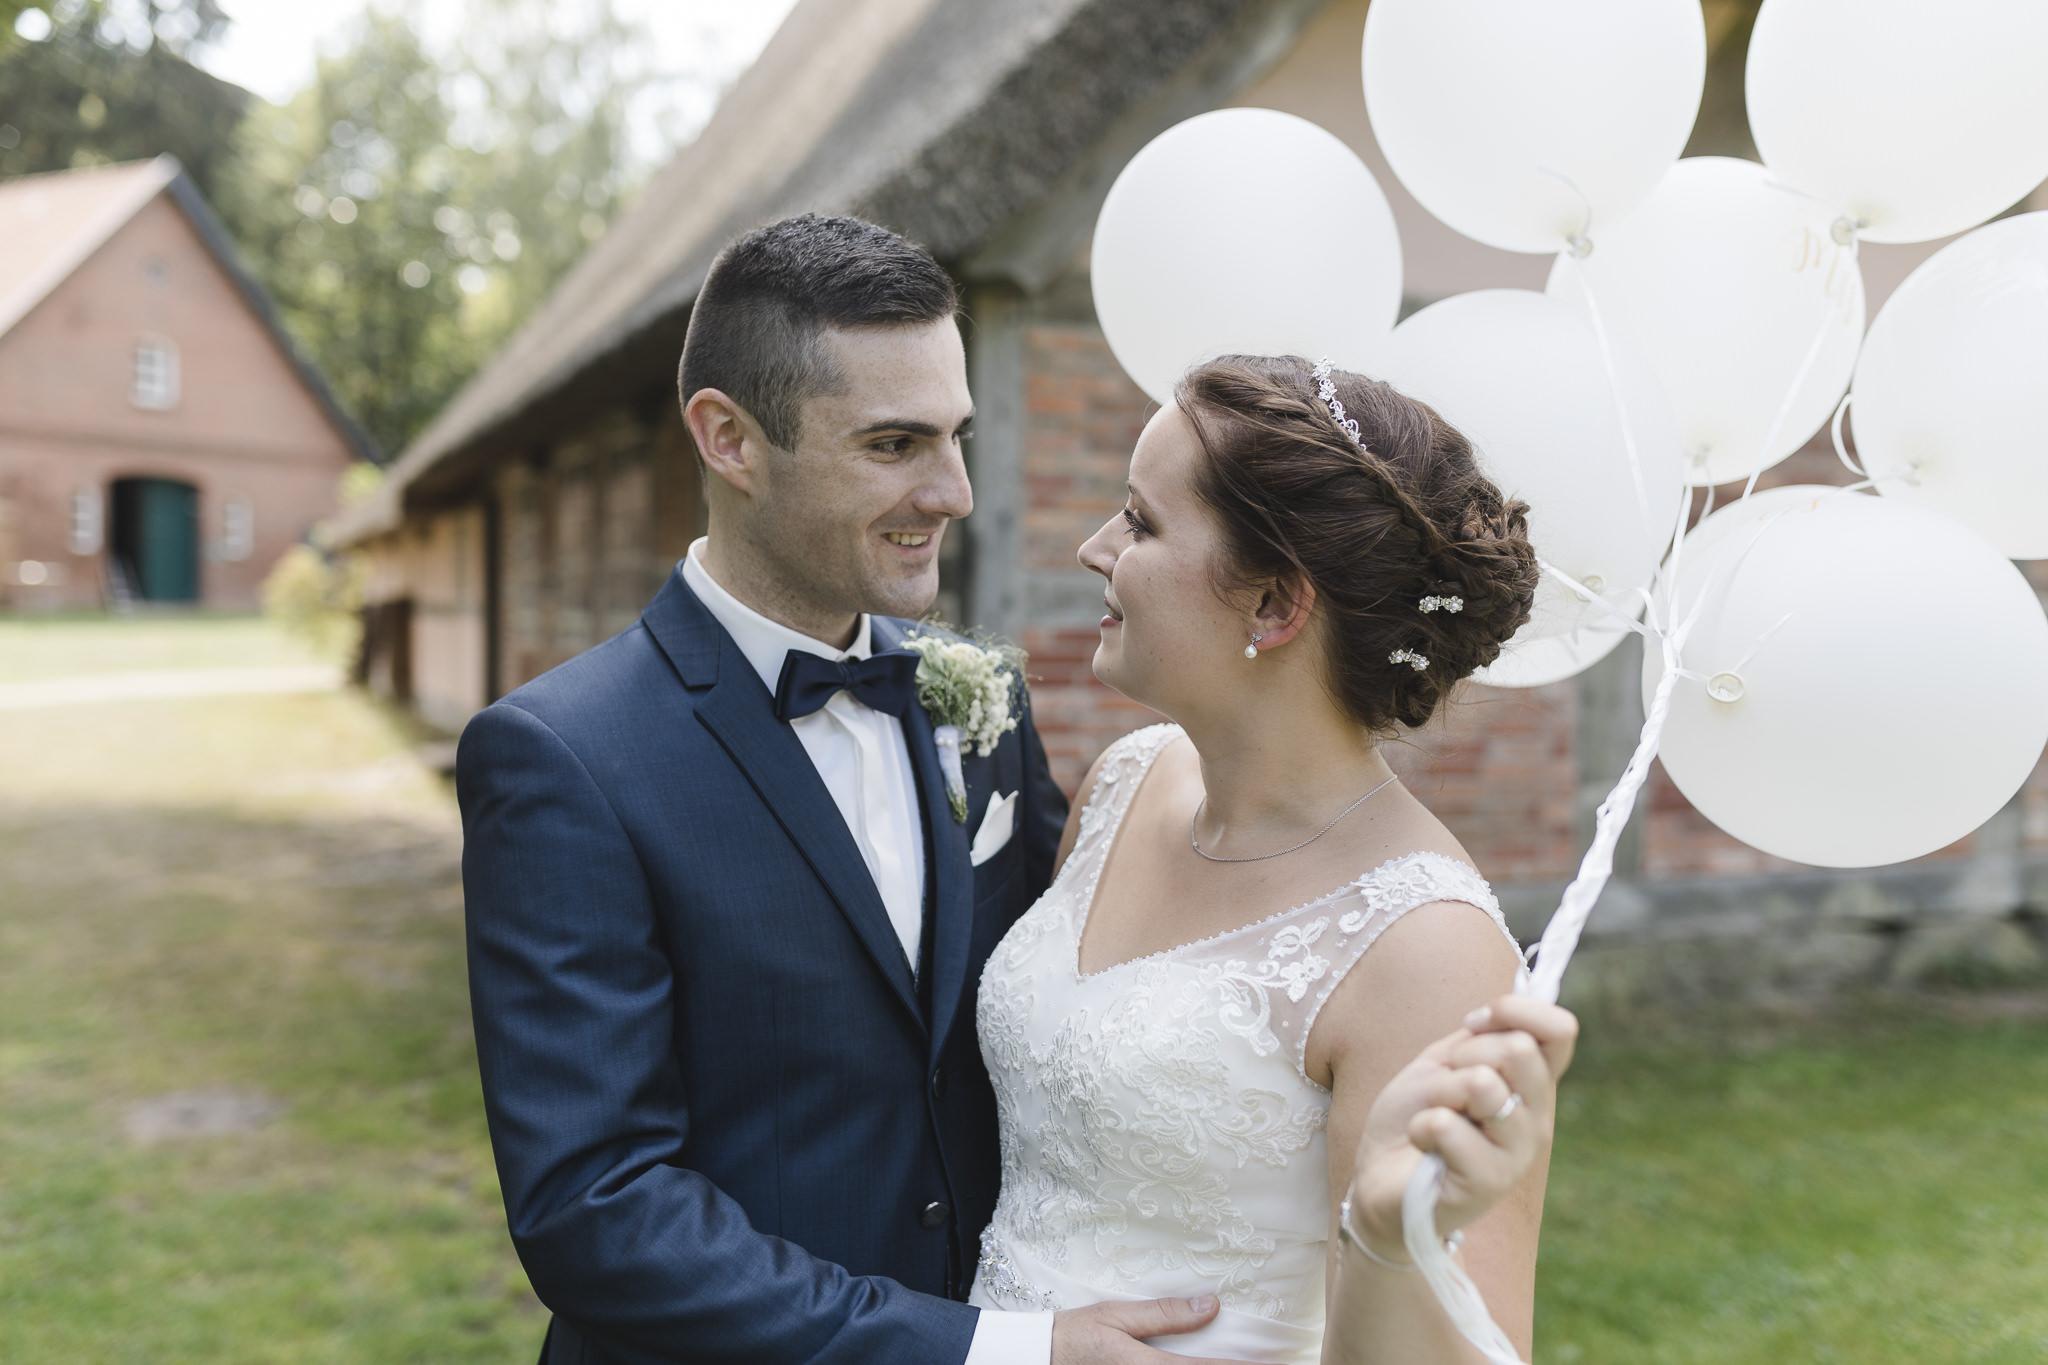 das Brautpaar posiert mit Luftballons bei ihrer Hochzeit im Sniers Hus in Seppensen